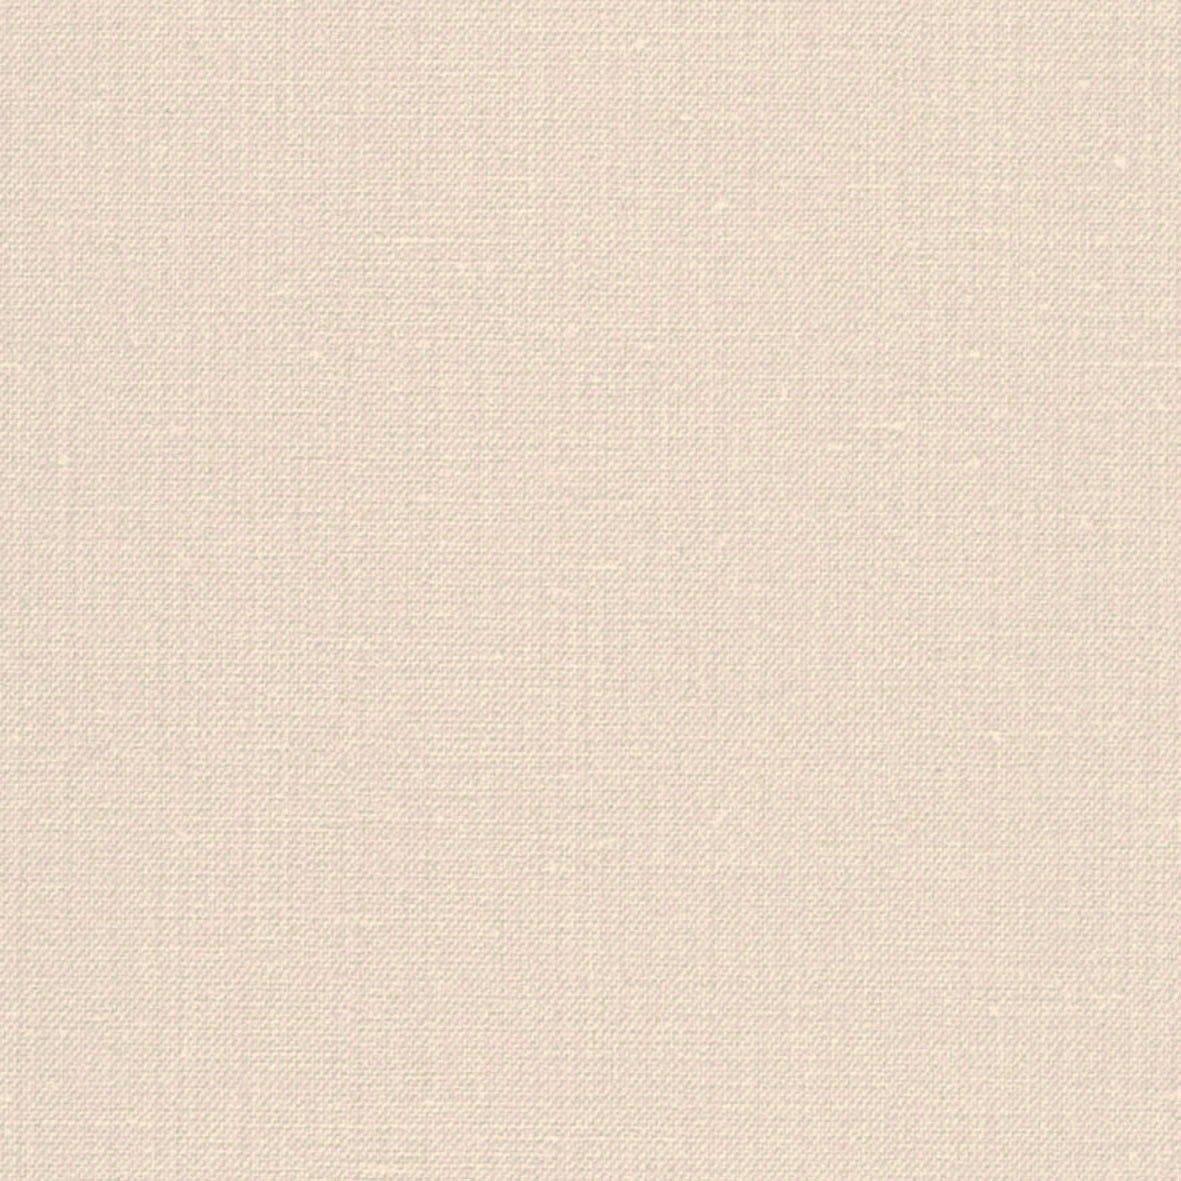 リリカラ 壁紙32m シンフル 無地 ベージュ LL-8596 B01N8SGHEP 32m|ベージュ